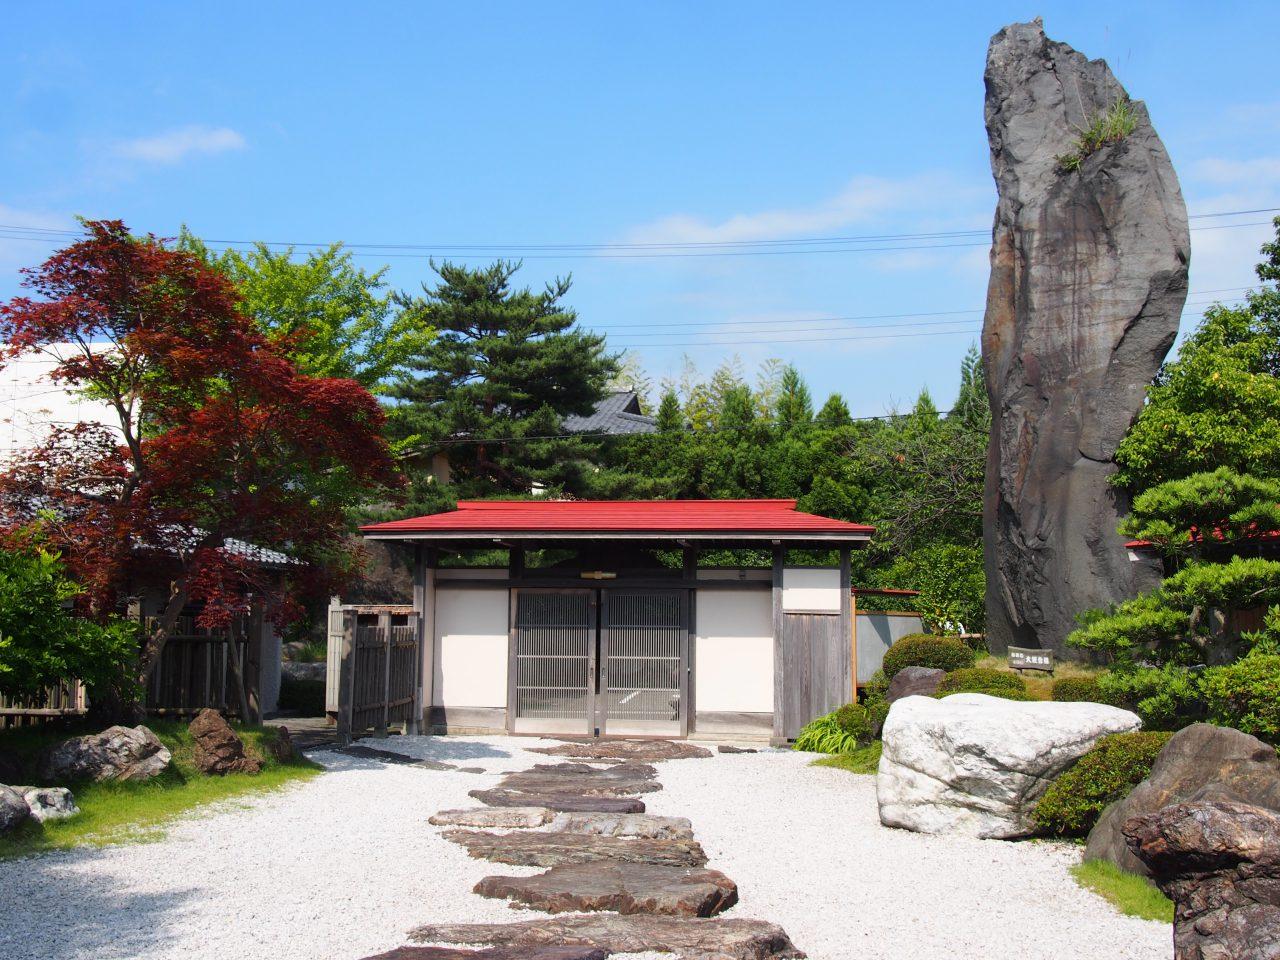 Garden & Museum Entrance